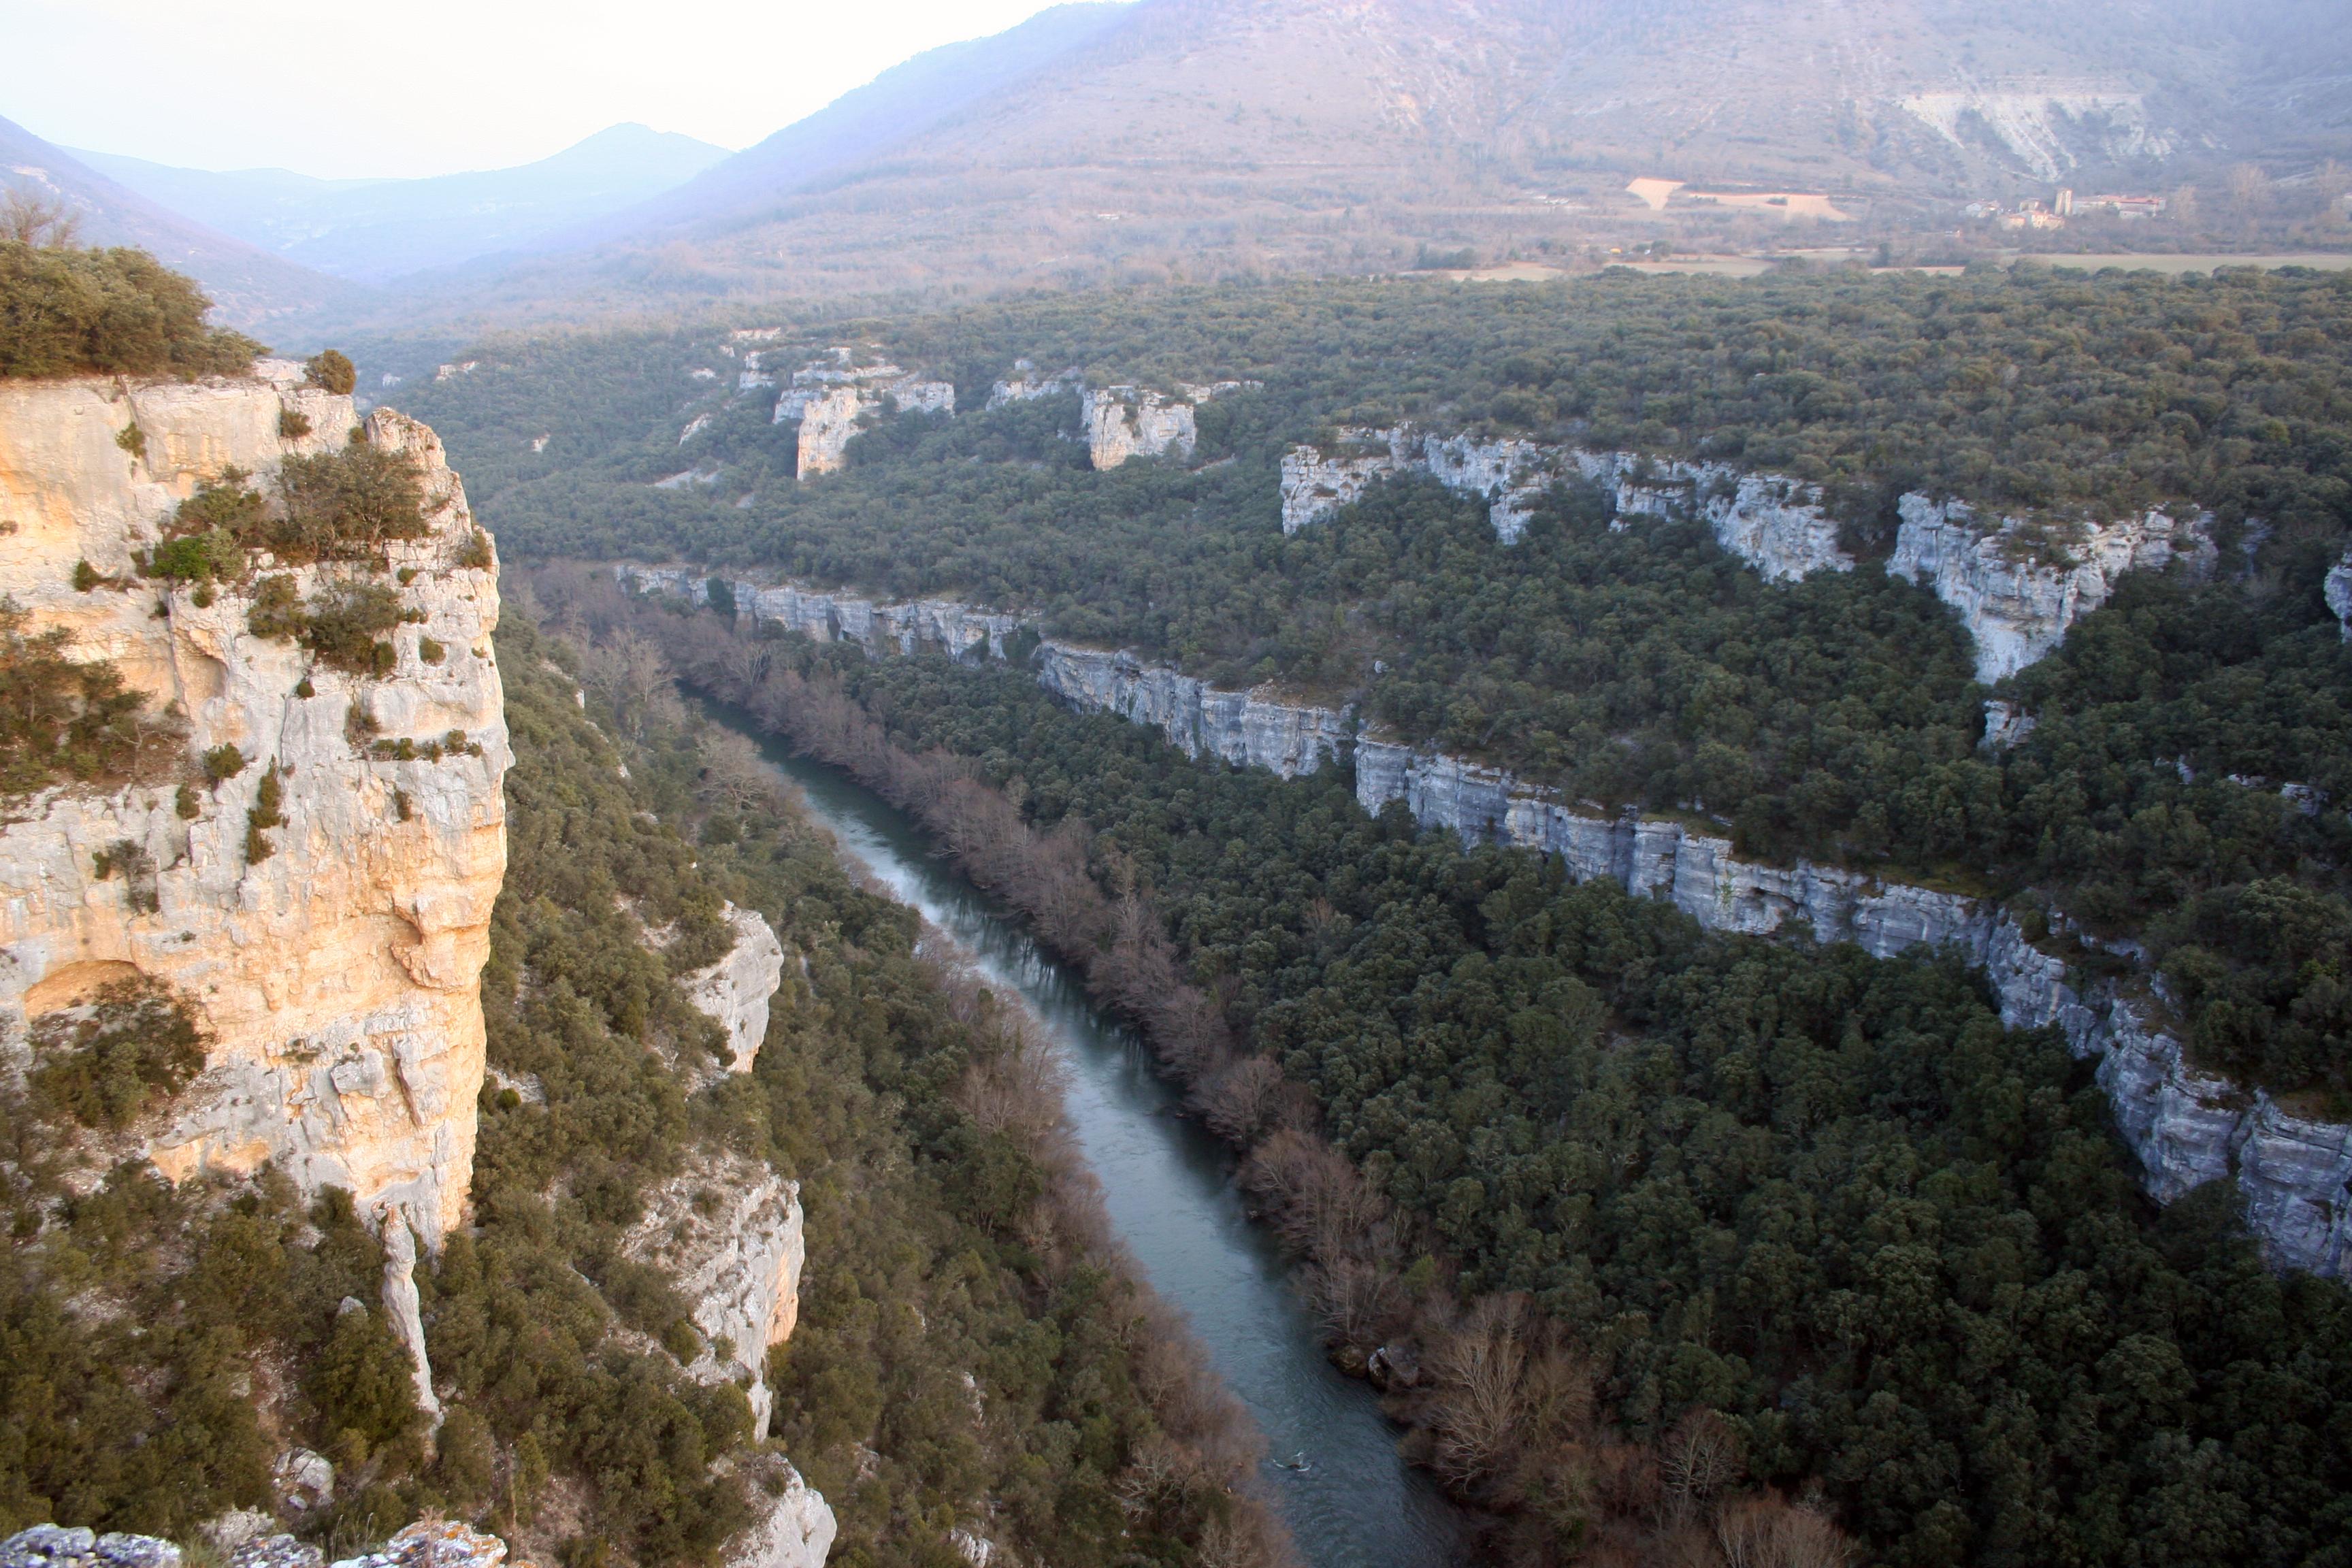 Vista del cañón desde el Mirador del Ebro